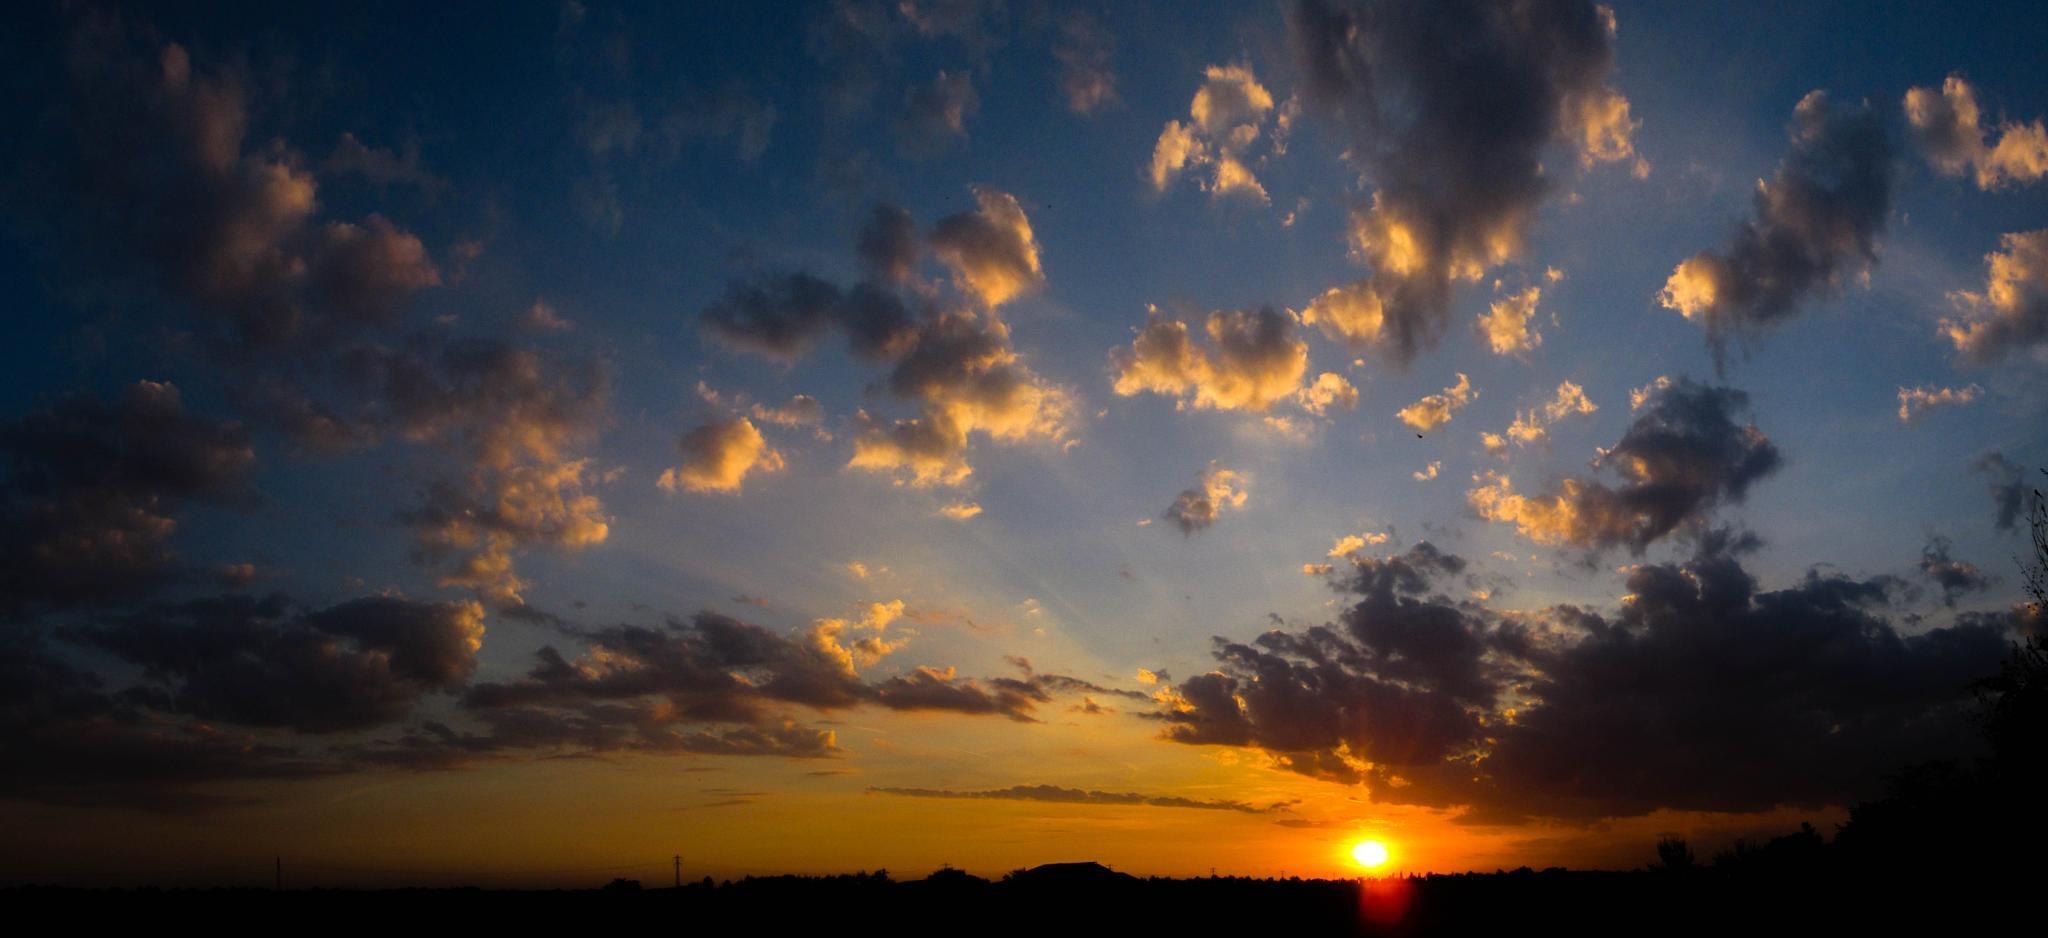 sky p 27 by Bucur Stefan